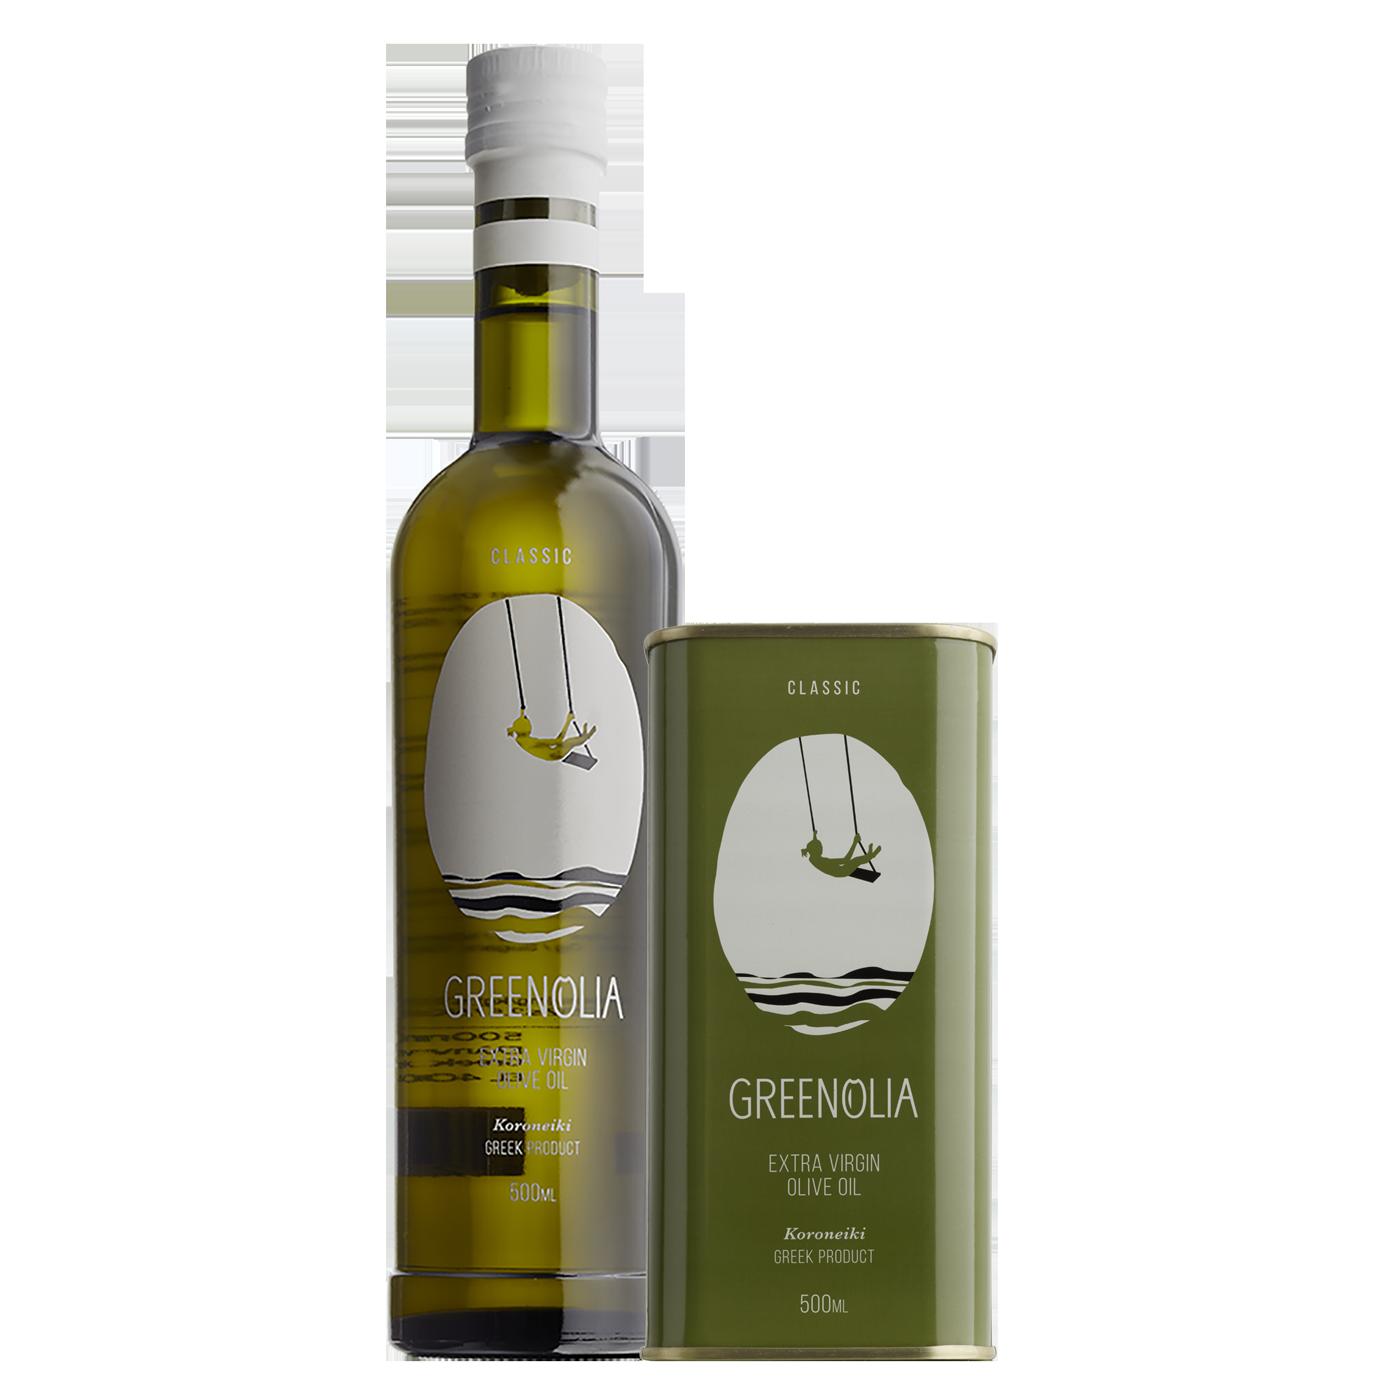 Διακρίσεις Προϊόντα Ελαιολάδου Greenolia-Classic 500ml